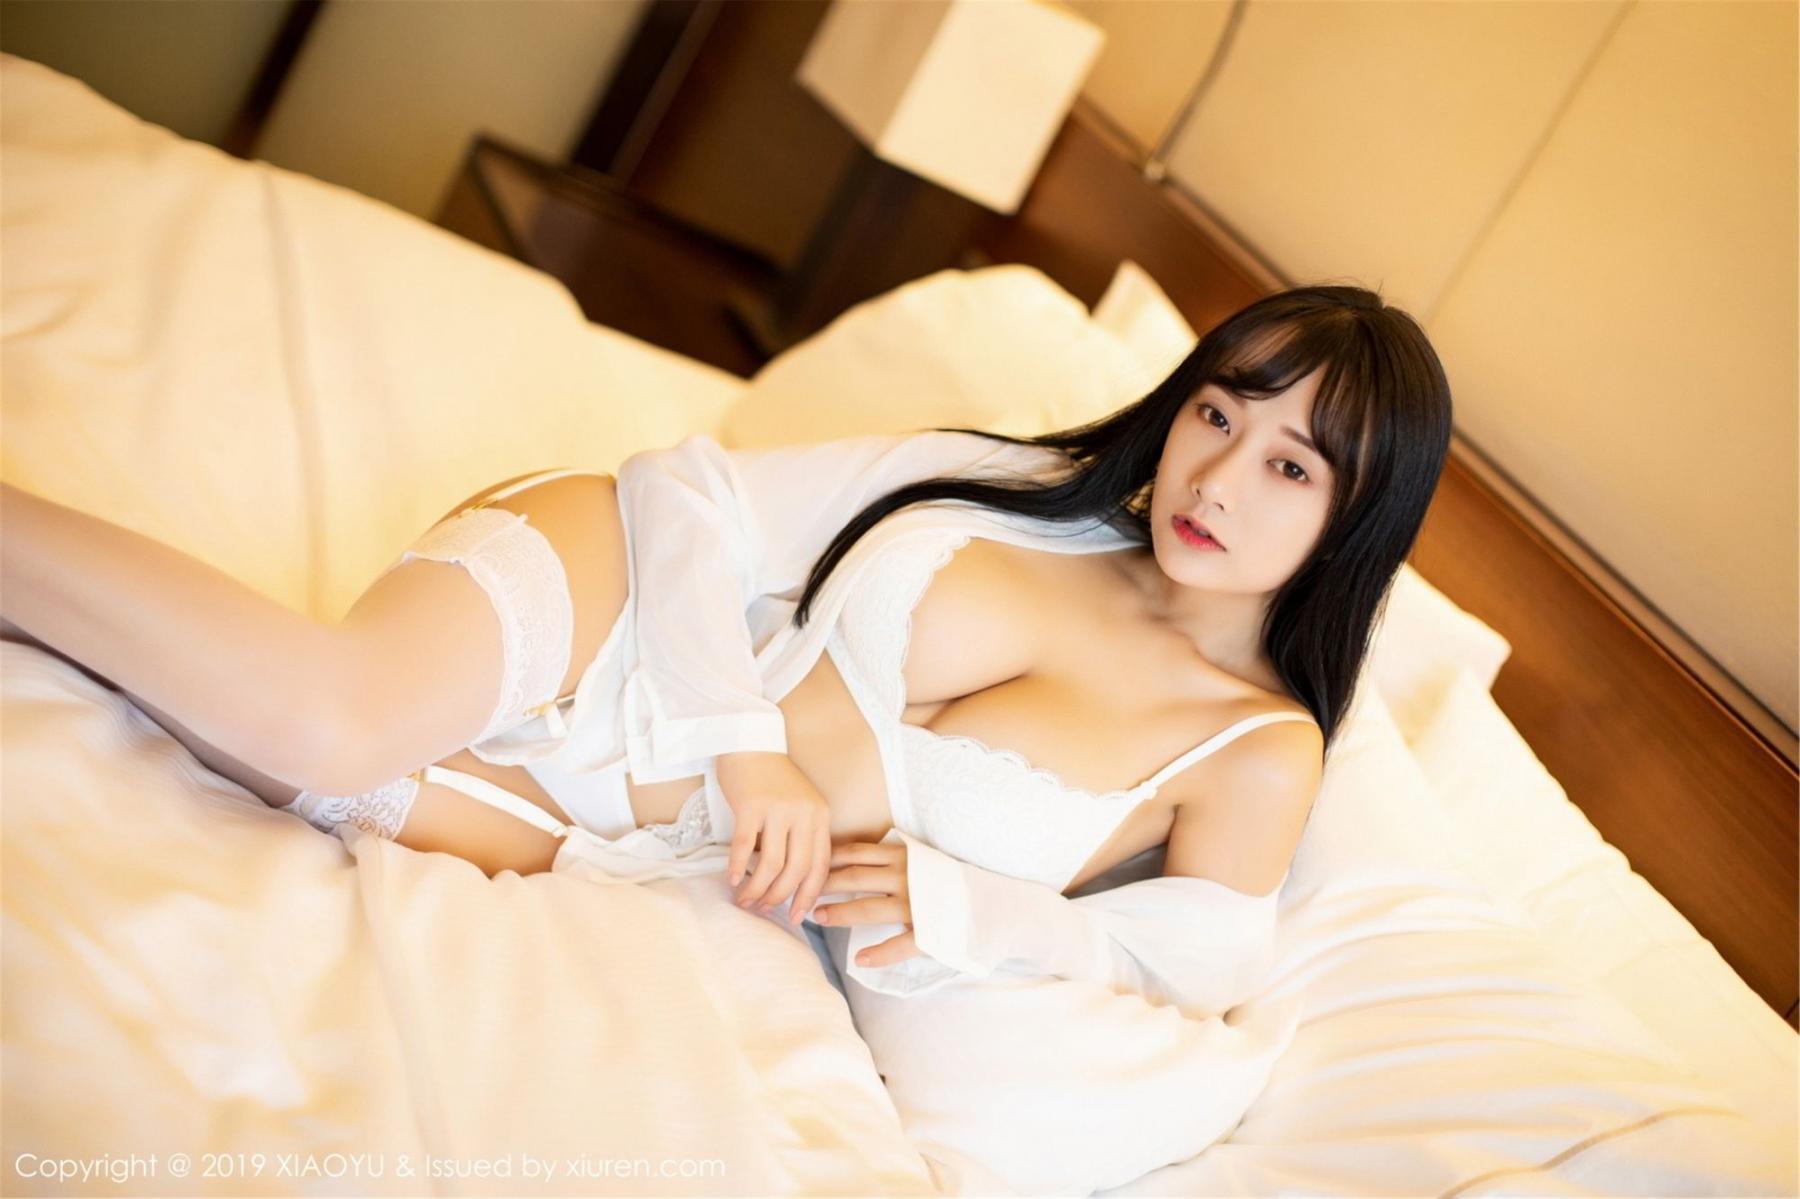 [XiaoYu] Vol.076 He Jia Ying 20P, He Jia Ying, Underwear, XiaoYu